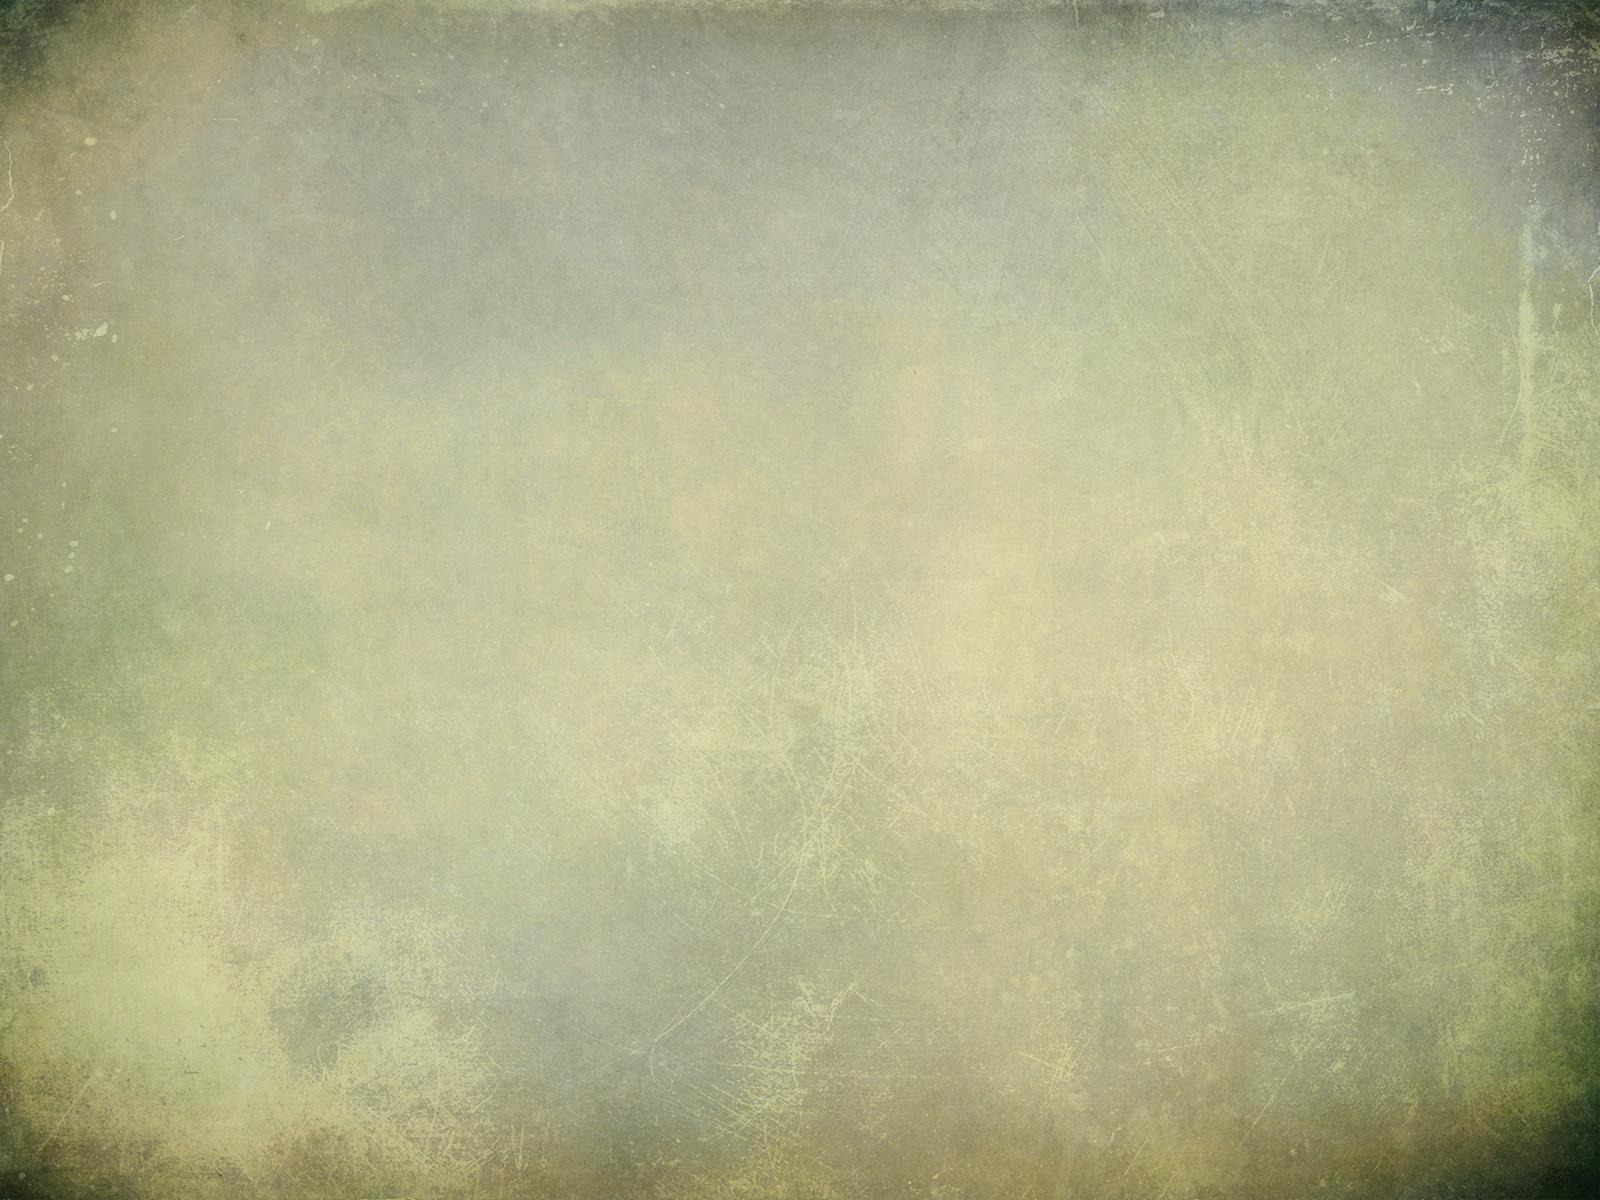 Free Wallpaper Dekstop: 3 Poster Textures